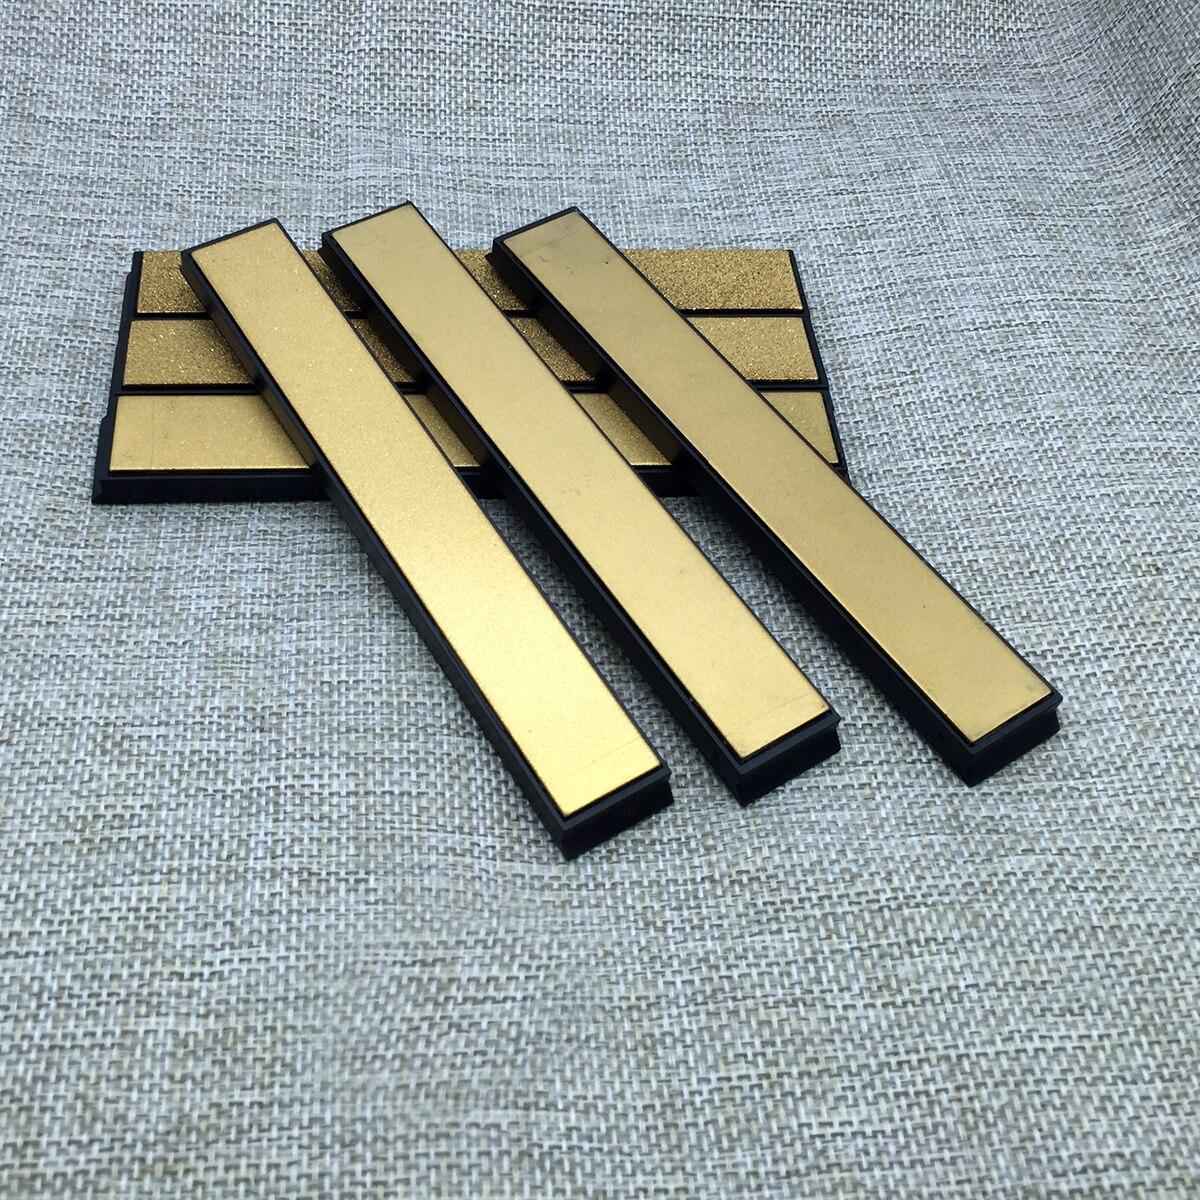 Алмазный нож точилка точильный камень Ruixin Pro EDGE кухонные ножницы бритвы